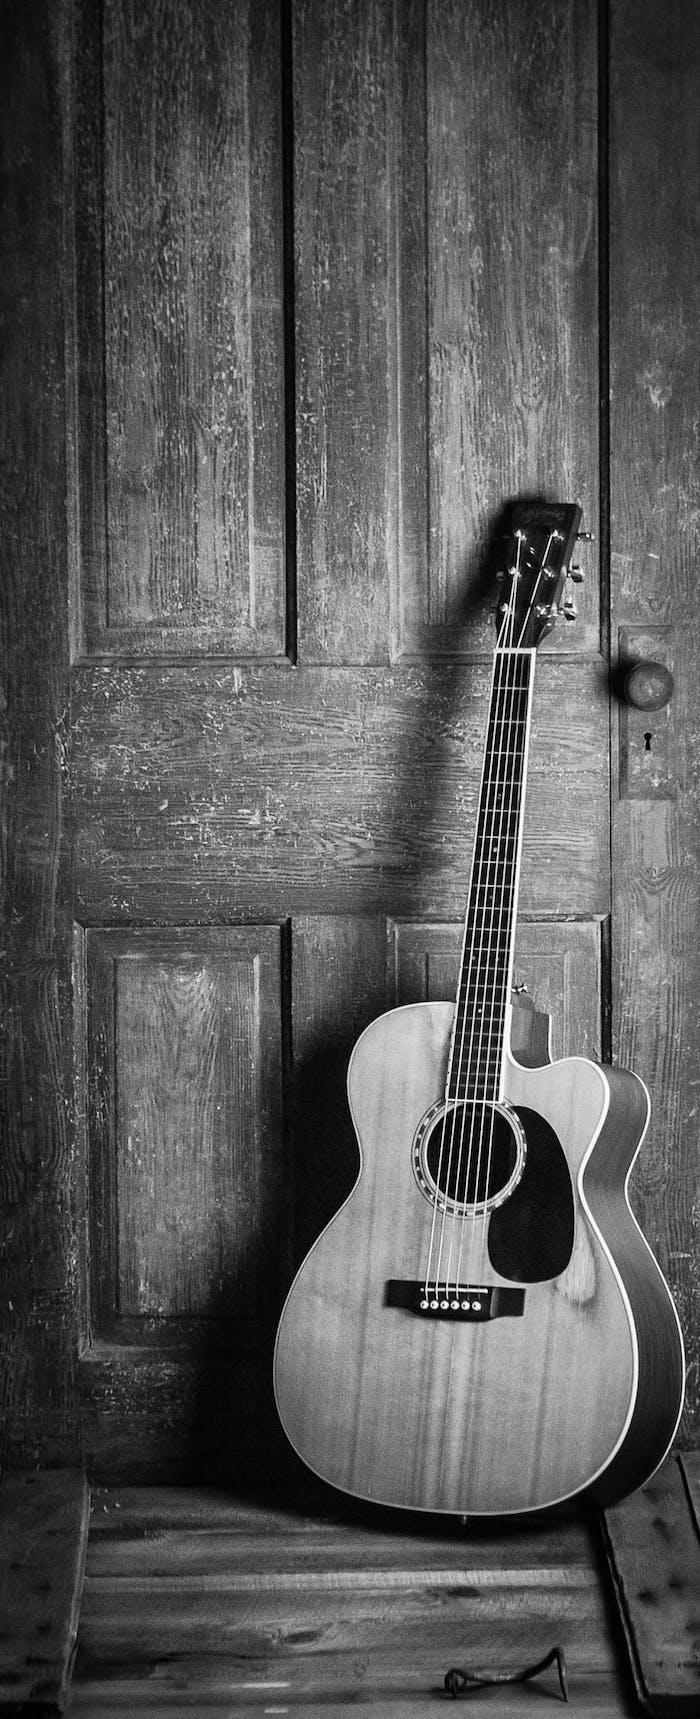 Guitare sur une porte d'entrée en bois, fond sombre, photo monochrome élégante à utiliser sur son portable